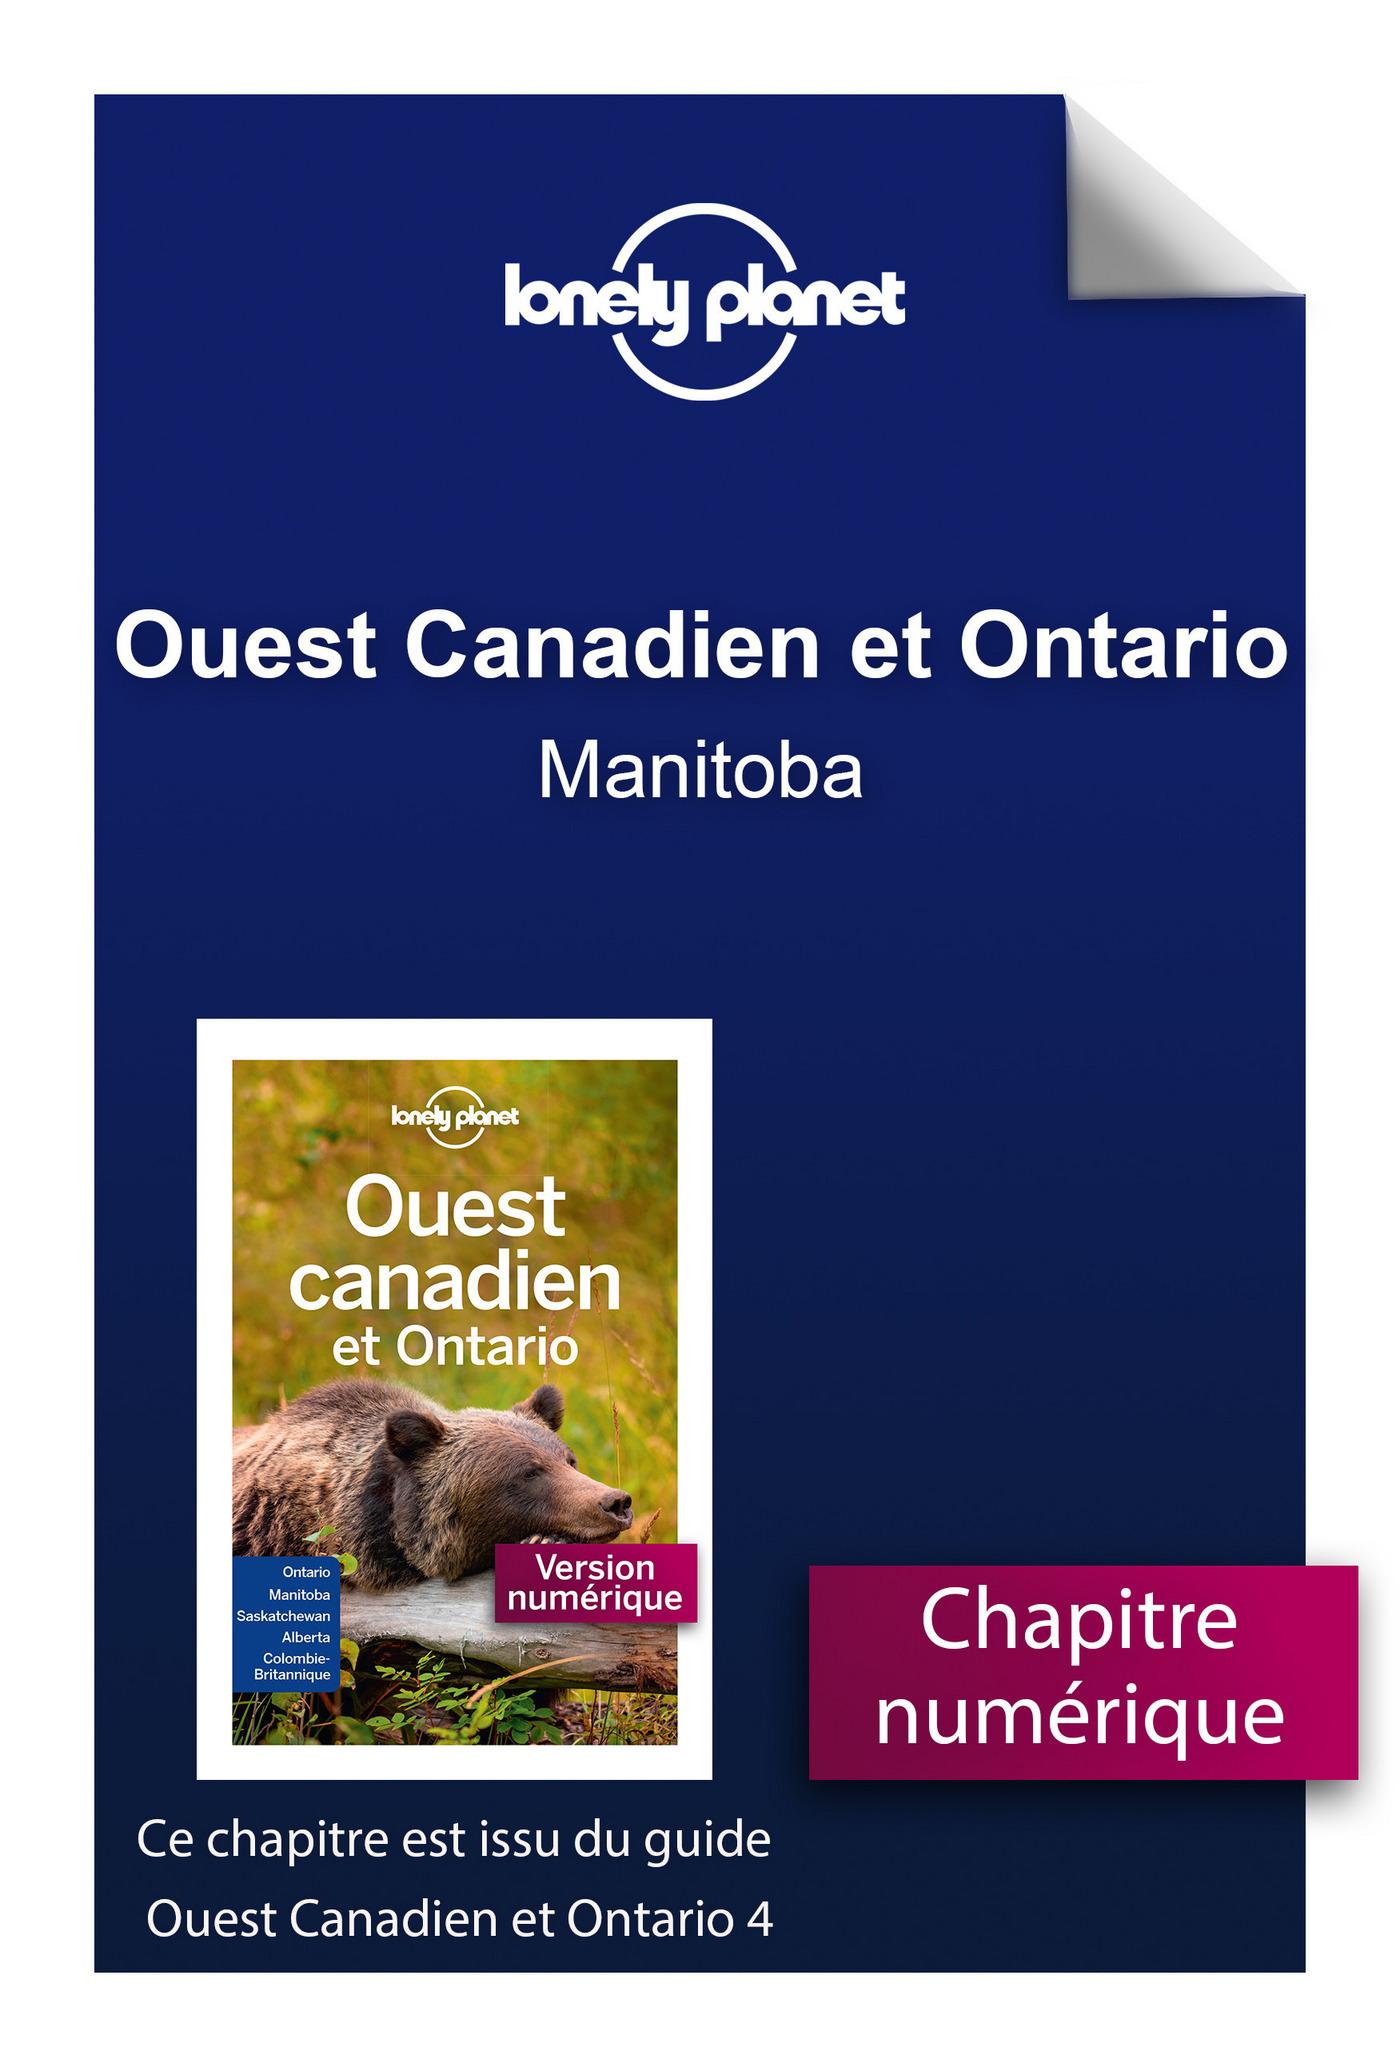 Ouest Canadien et Ontario 4 - Manitoba